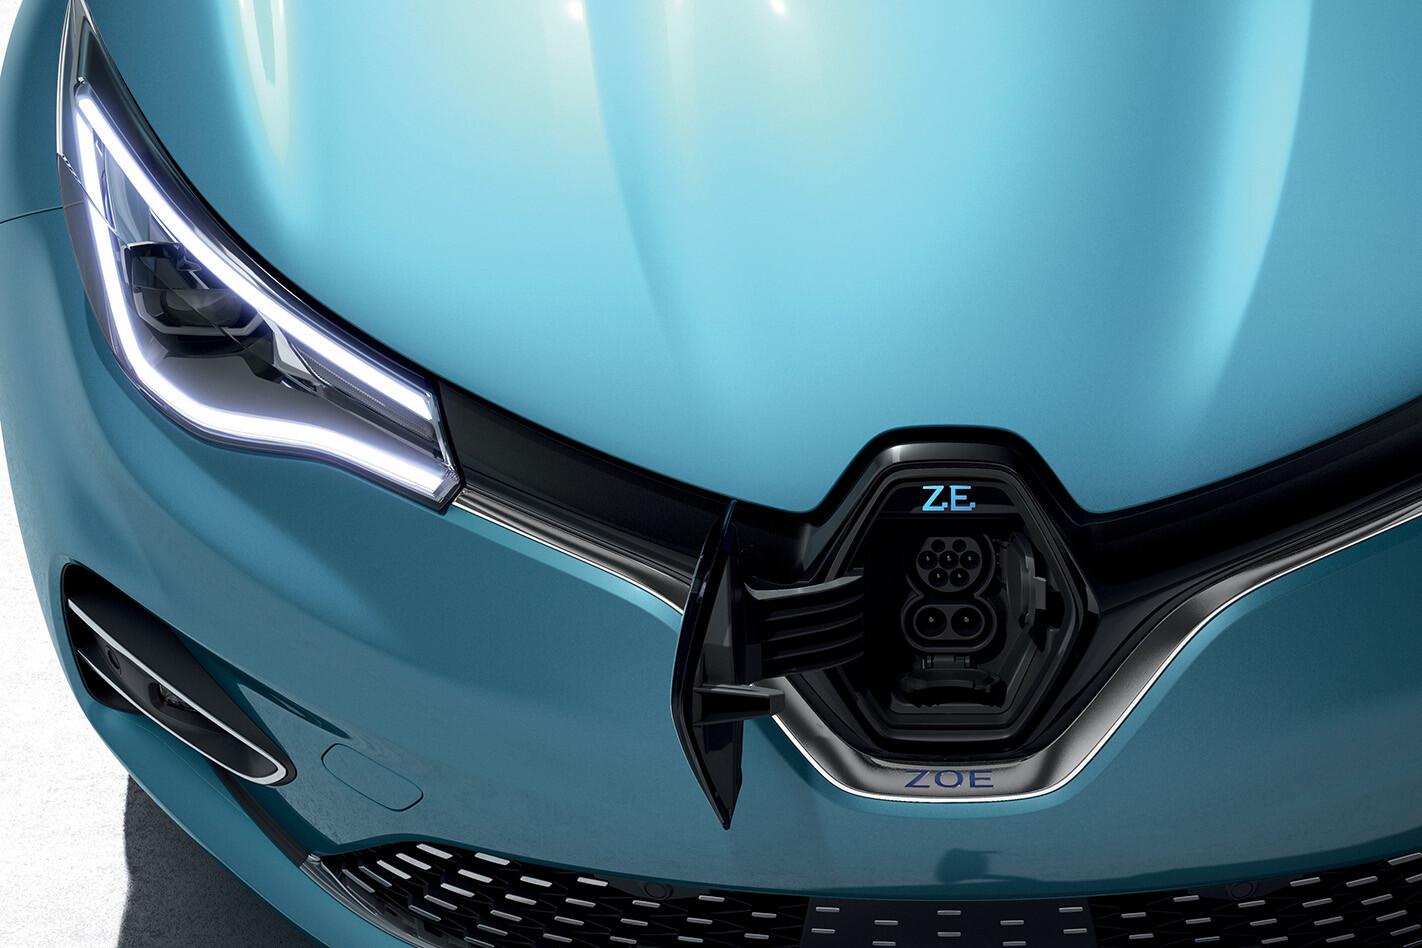 21227968 2019 New Renault ZOE Jpg